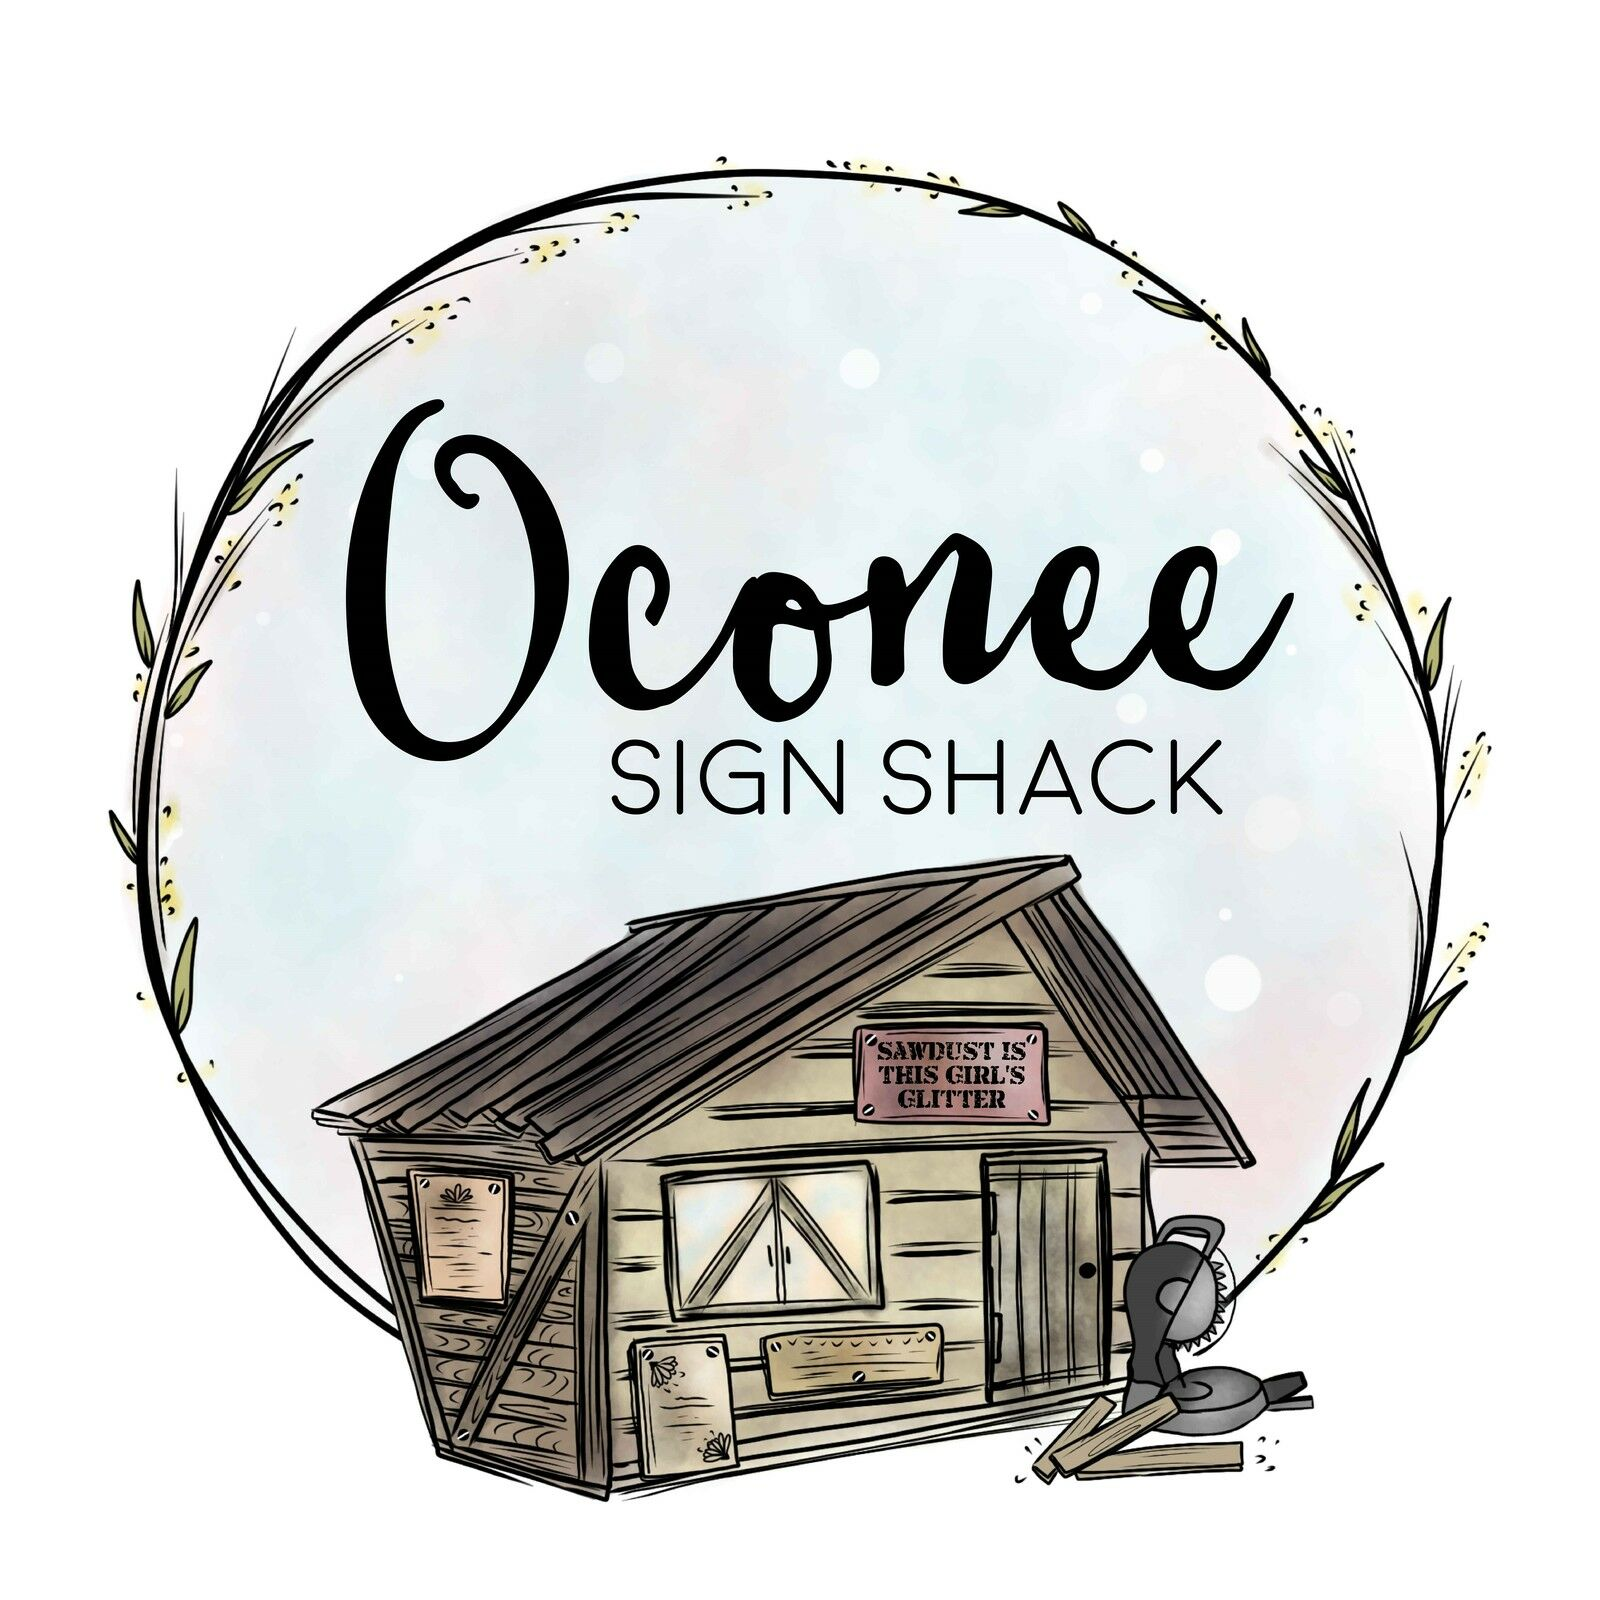 Oconee Sign Shack